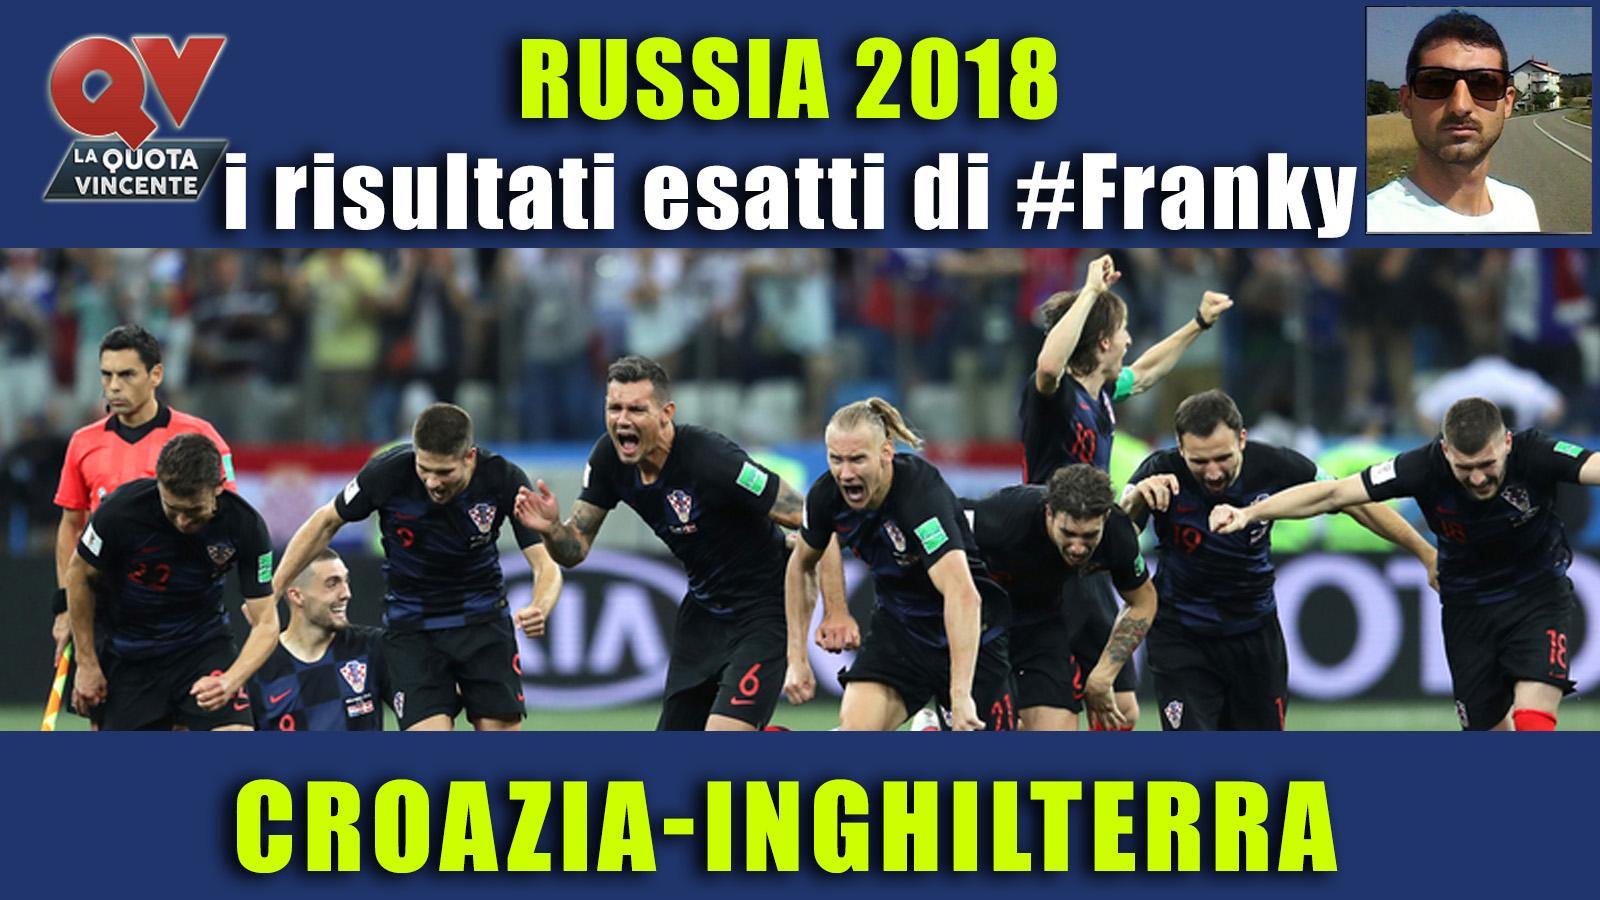 Pronostici risultati esatti Mondiali 11 luglio: le scelte di #FrankyDefa